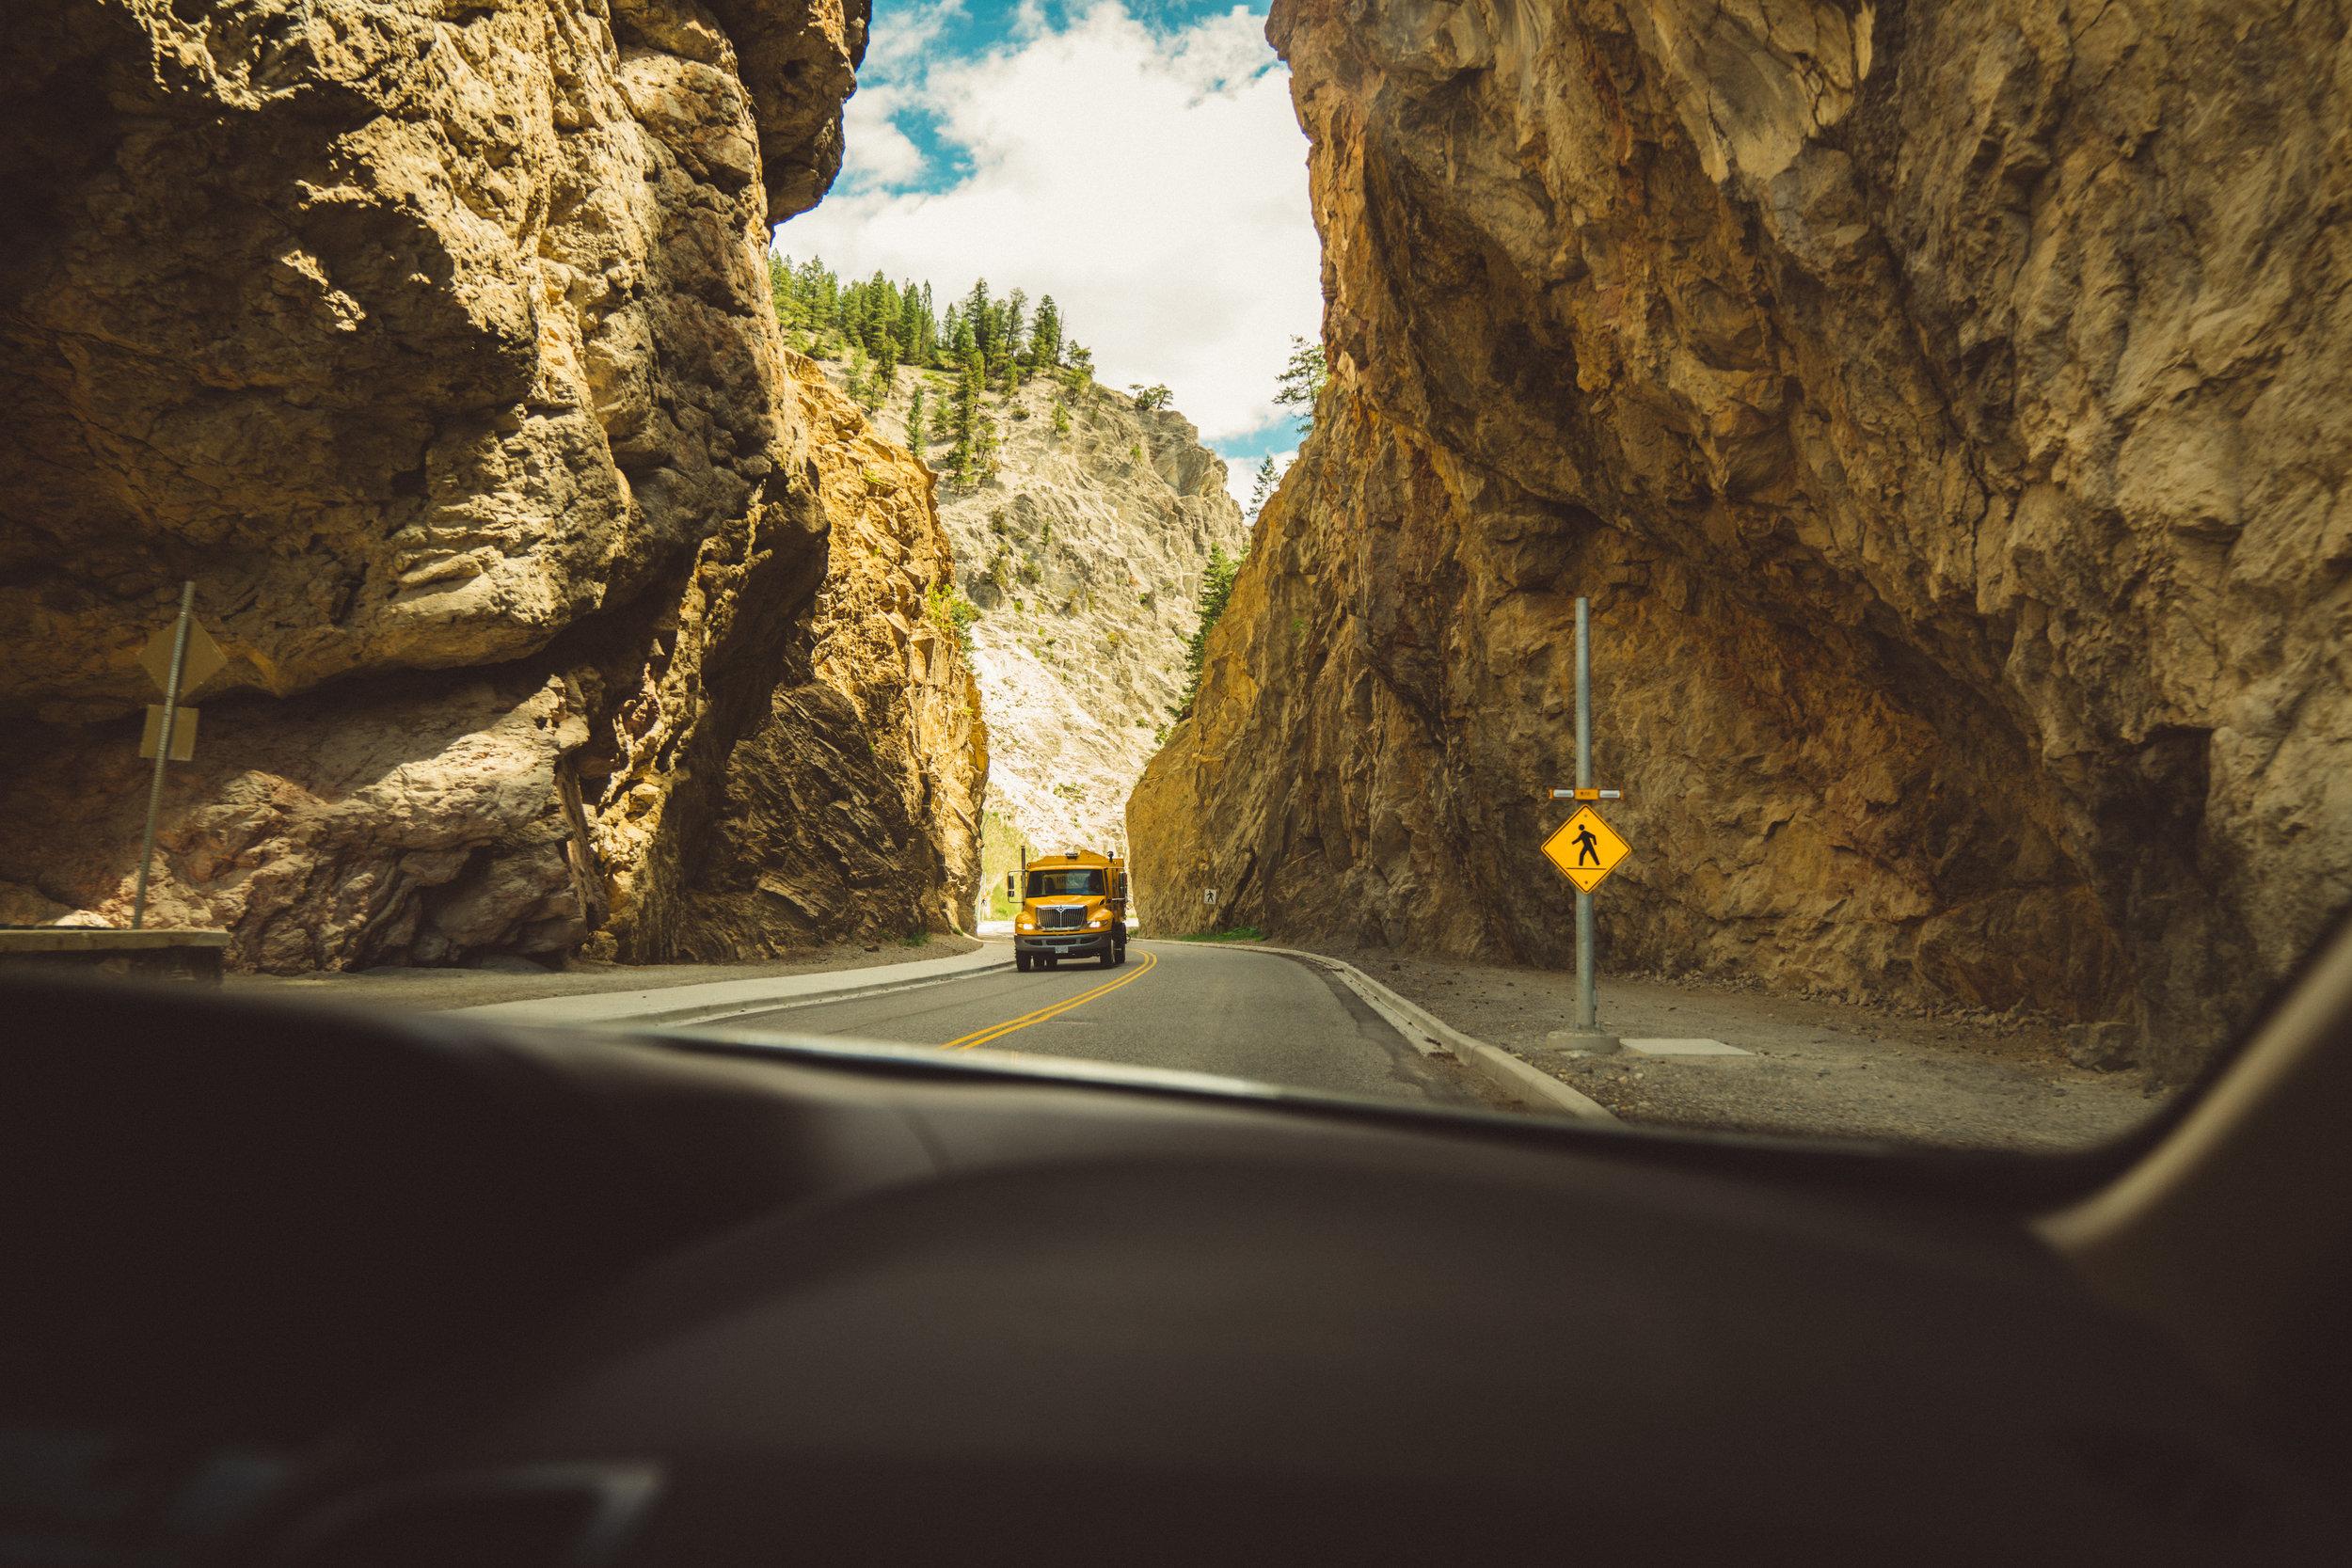 Heading towards Revelstoke.